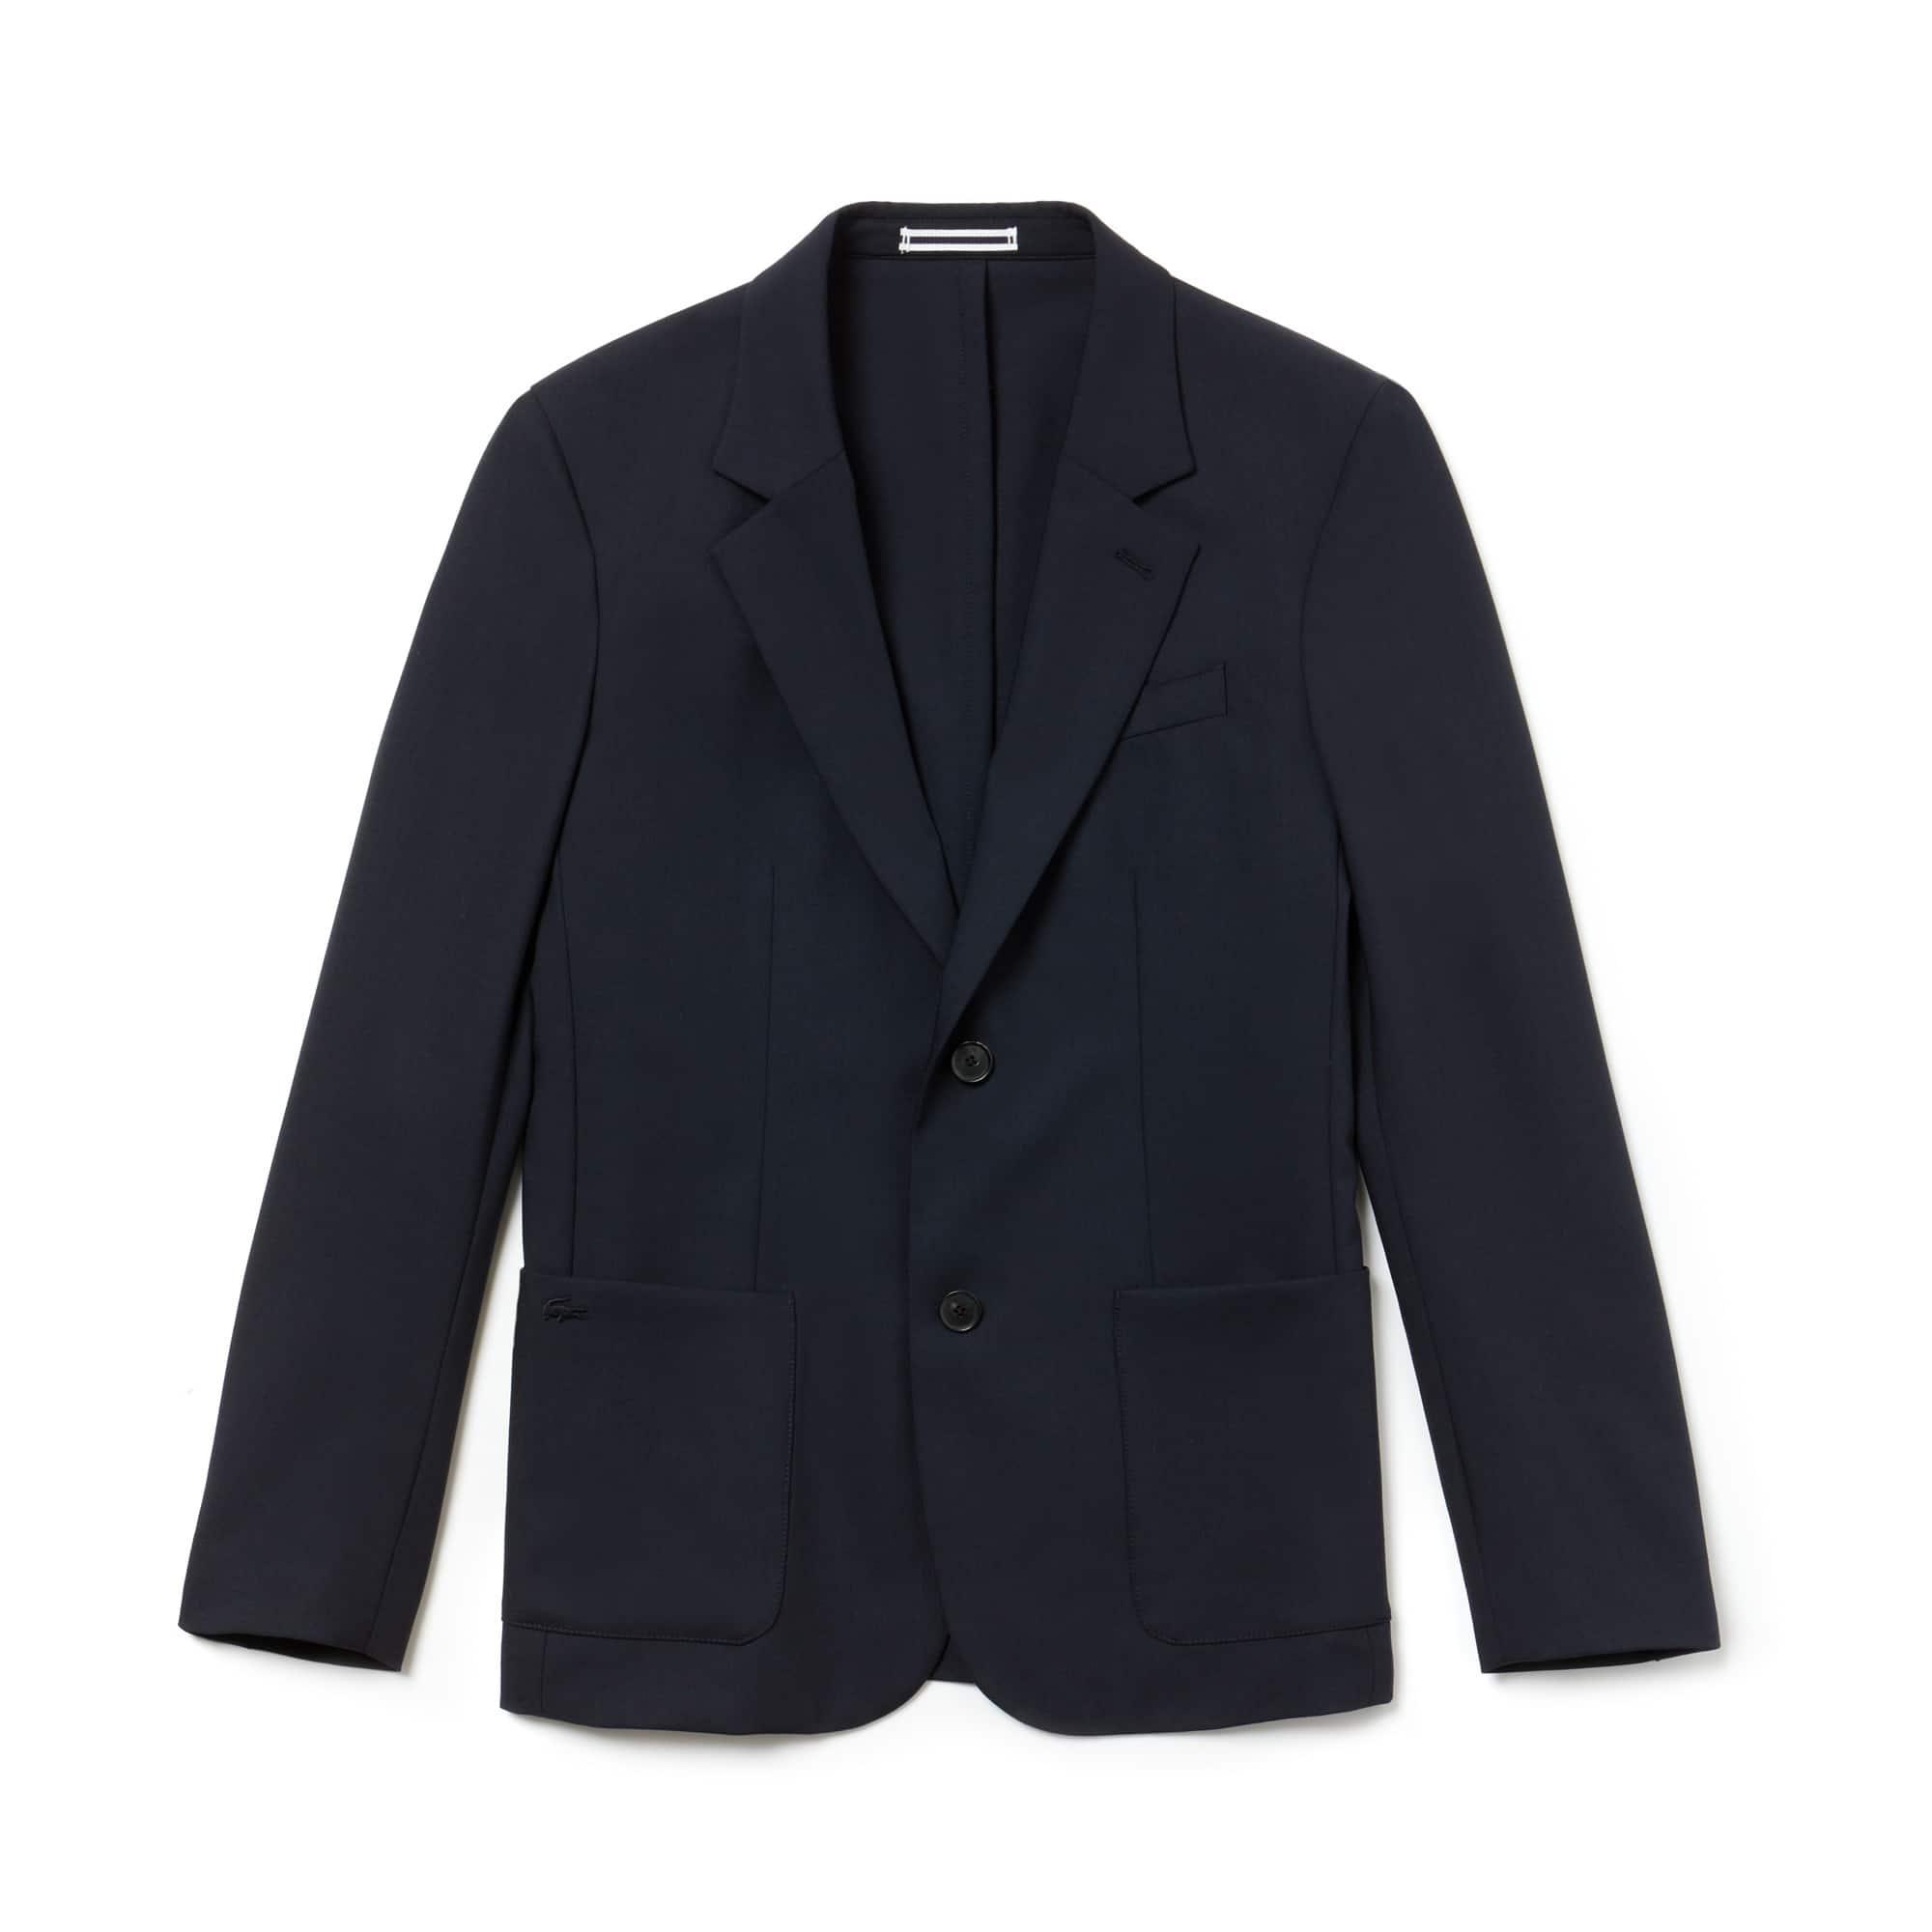 라코스테 Lacoste Mens Stretch Wool Twill Blazer,DARK NAVY BLUE